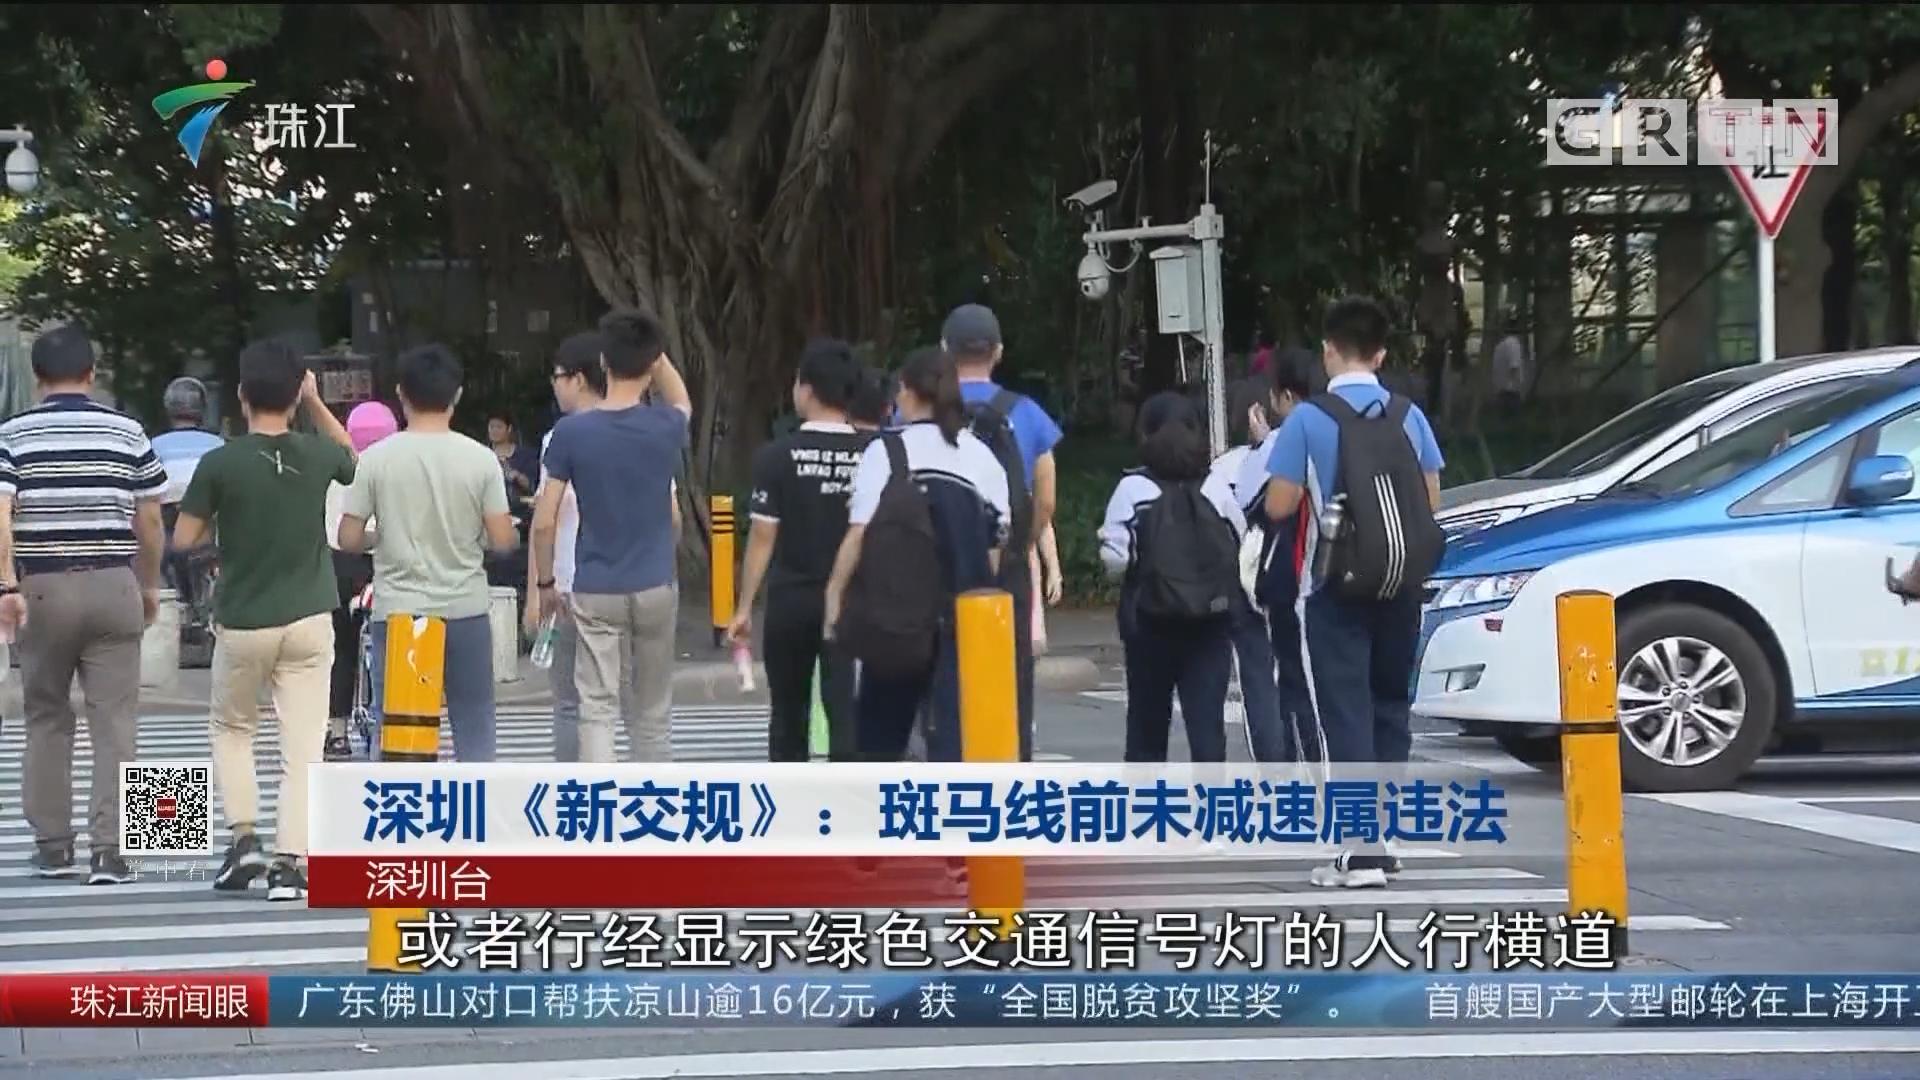 深圳《新交规》:斑马线前未减速属违法